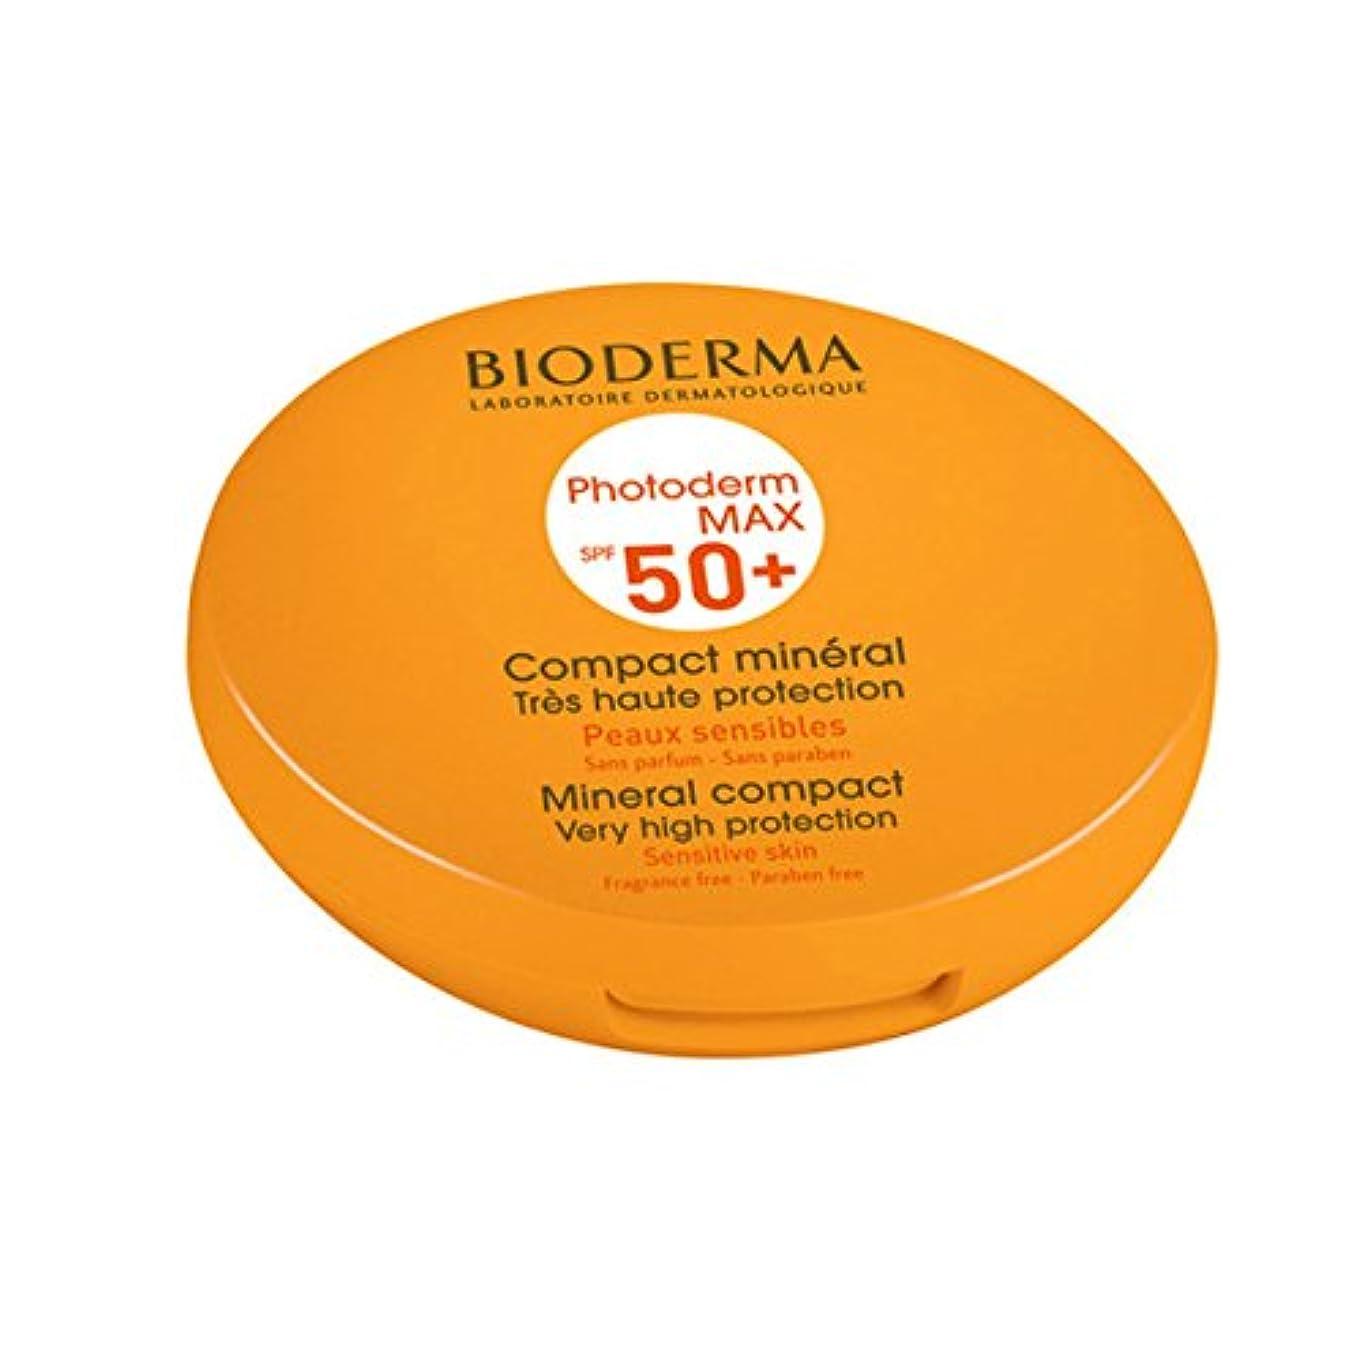 争いレパートリースカリーBioderma Photoderm Max Compact Mineral 50+ Golden 10g [並行輸入品]